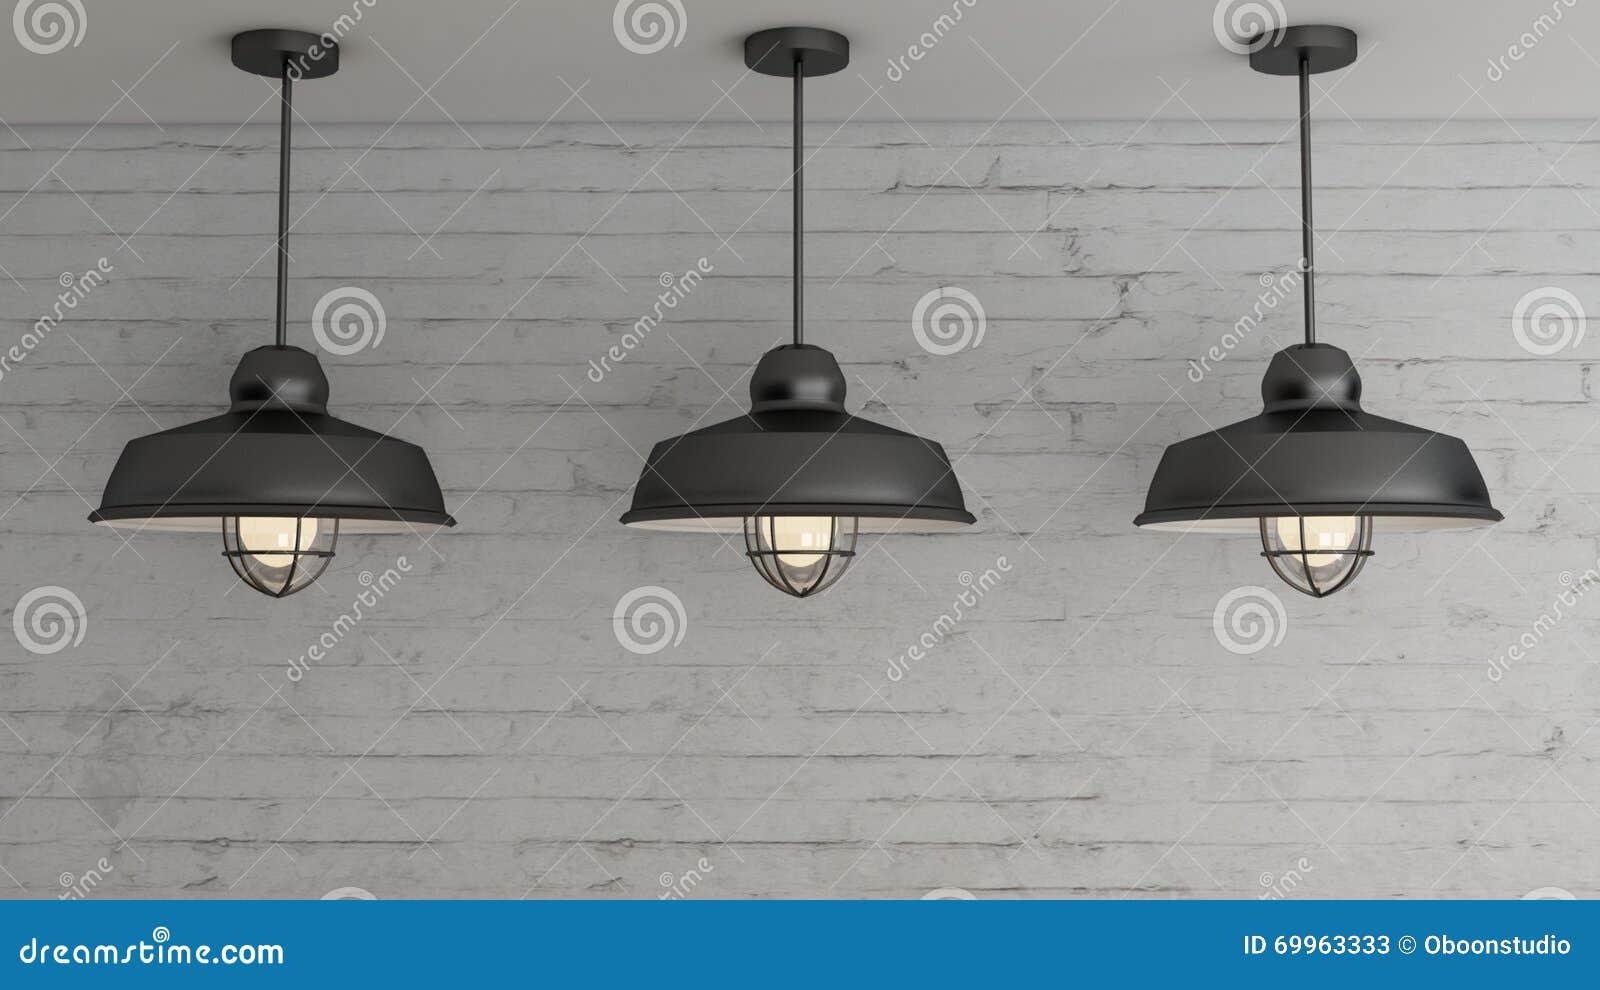 industrieller innenraum 3d bertr gt bilder stock abbildung bild 69963333. Black Bedroom Furniture Sets. Home Design Ideas